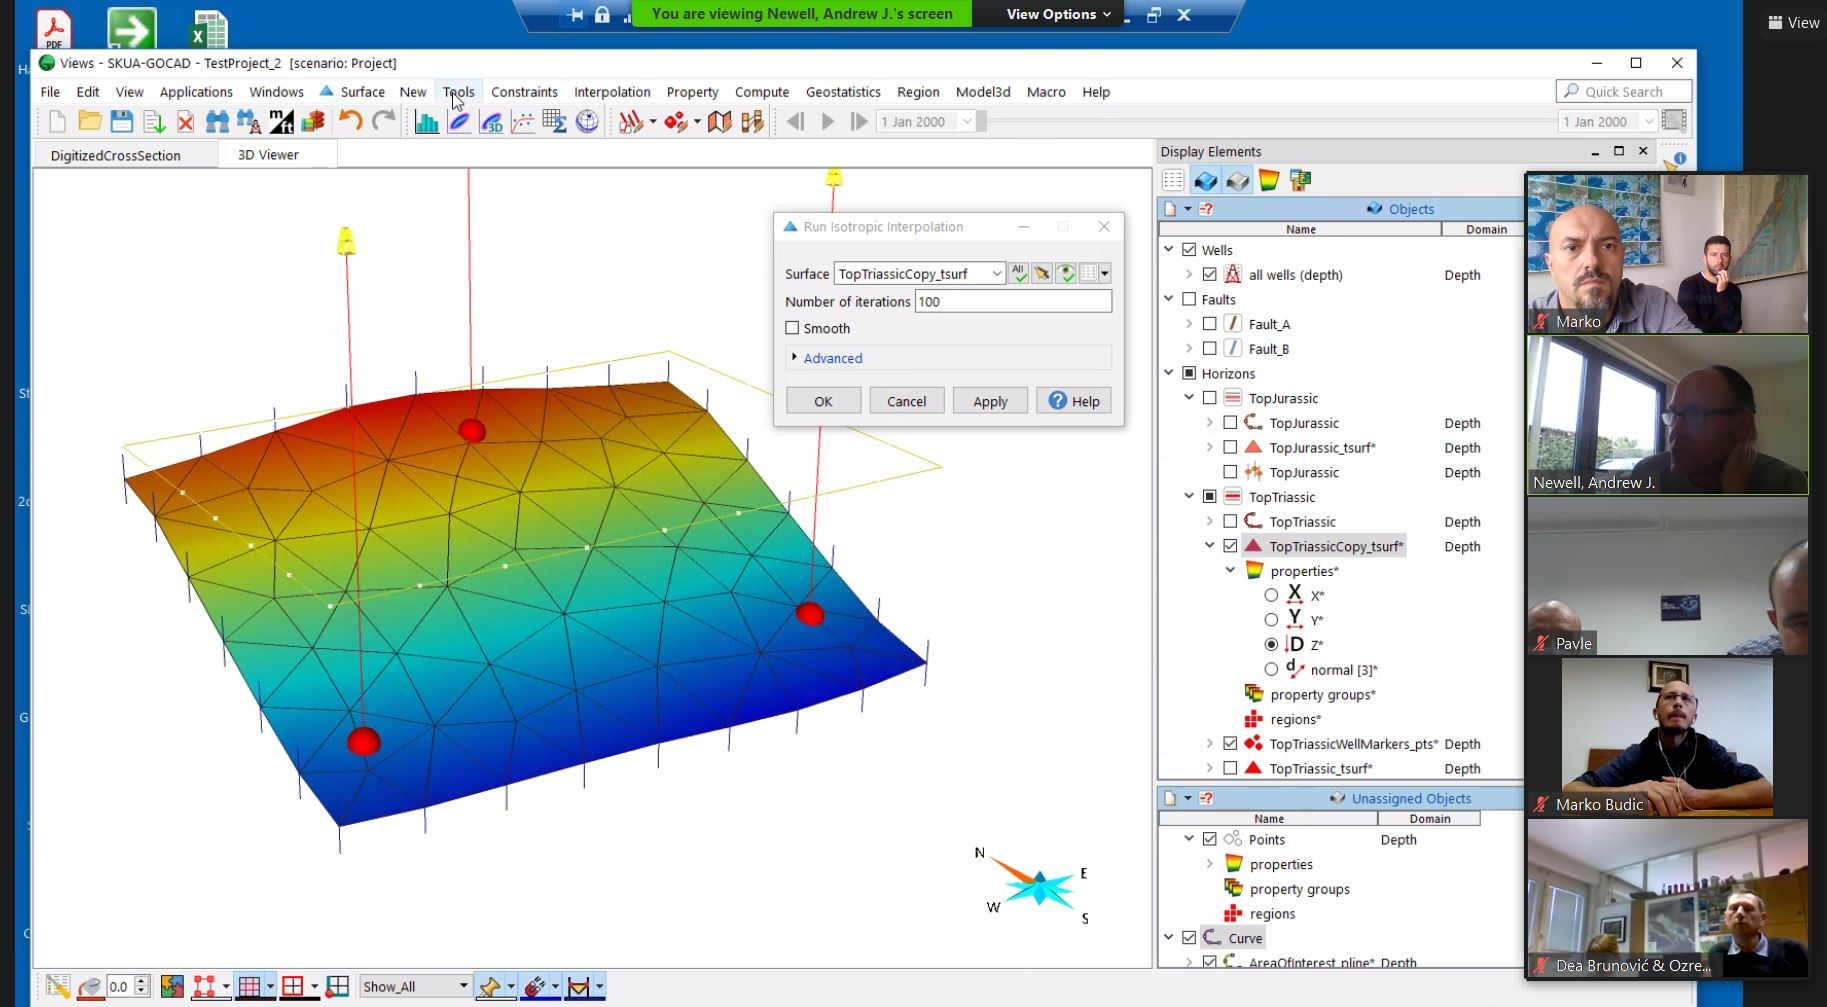 demonstracija modeliranja površine korištenjem SKUA-GOCAD softwarea